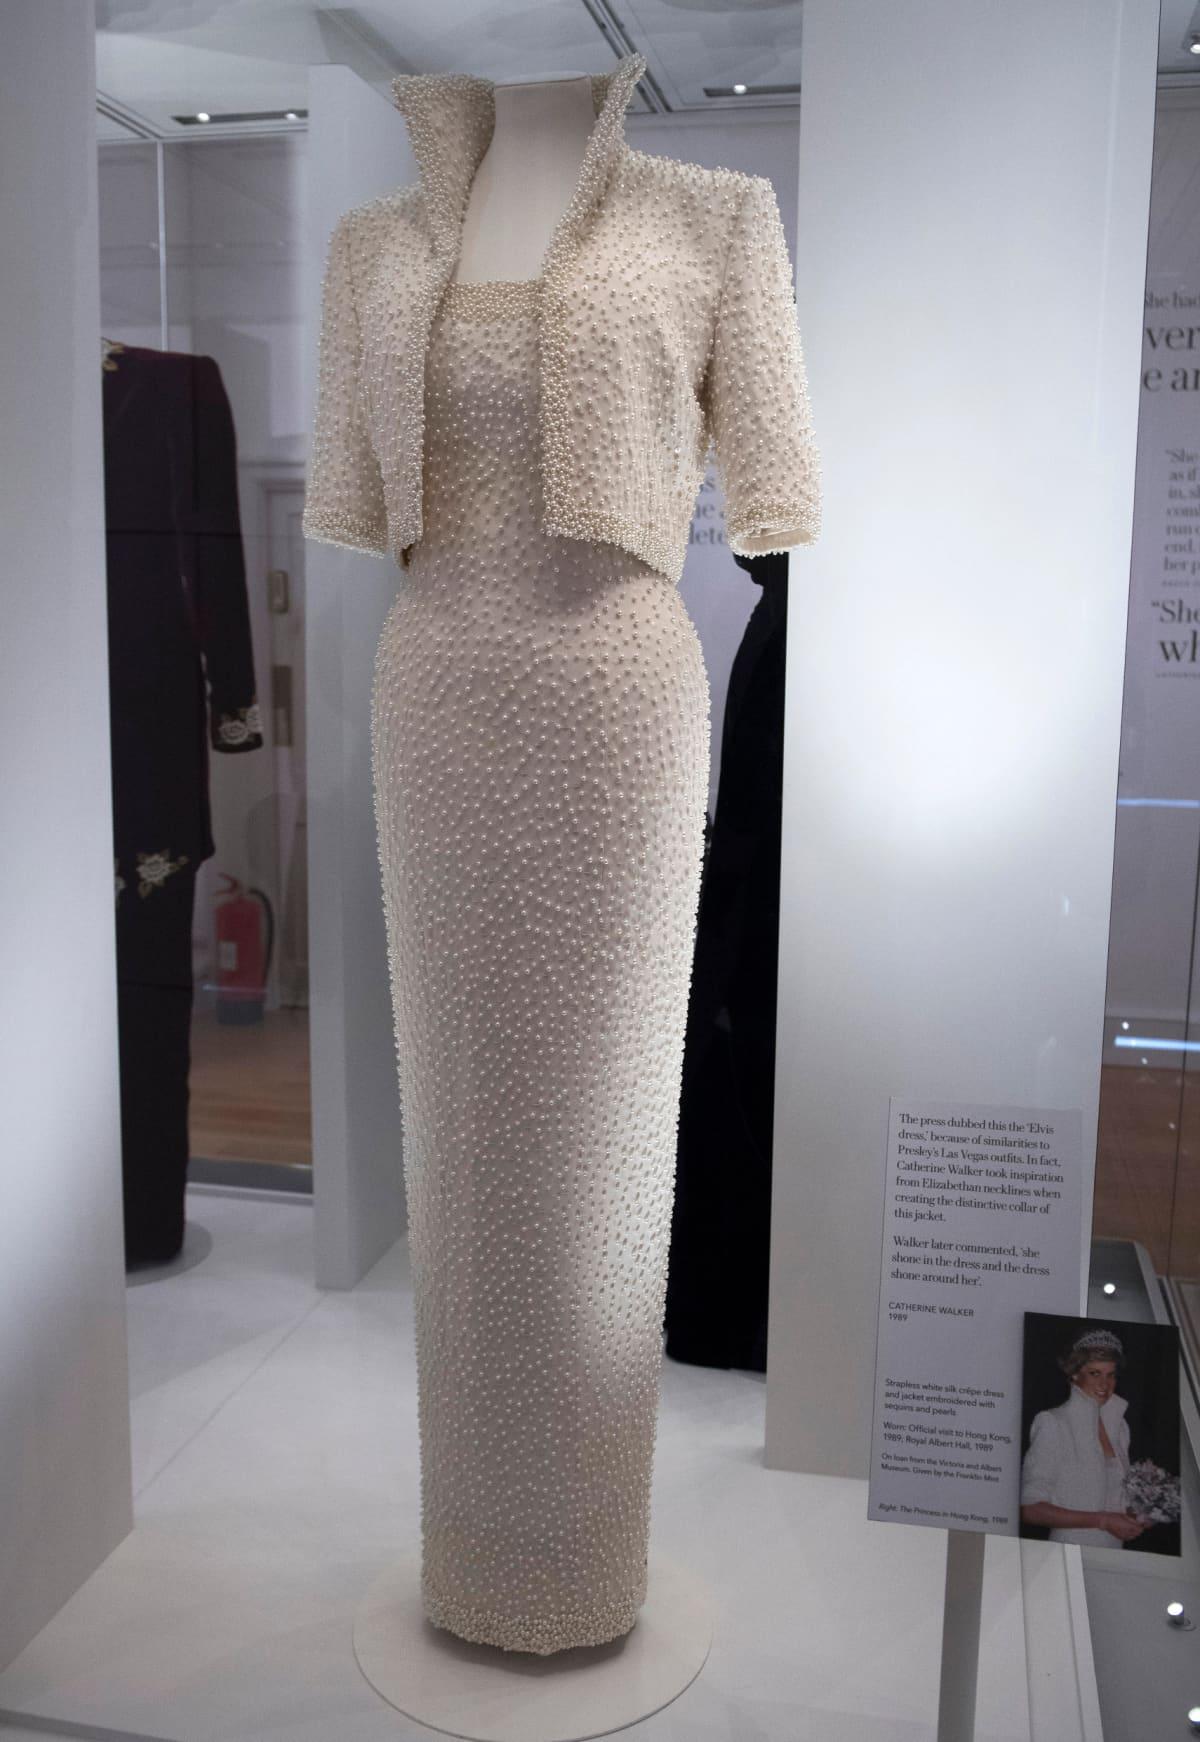 Valkoinen korkeakauluksinen puku